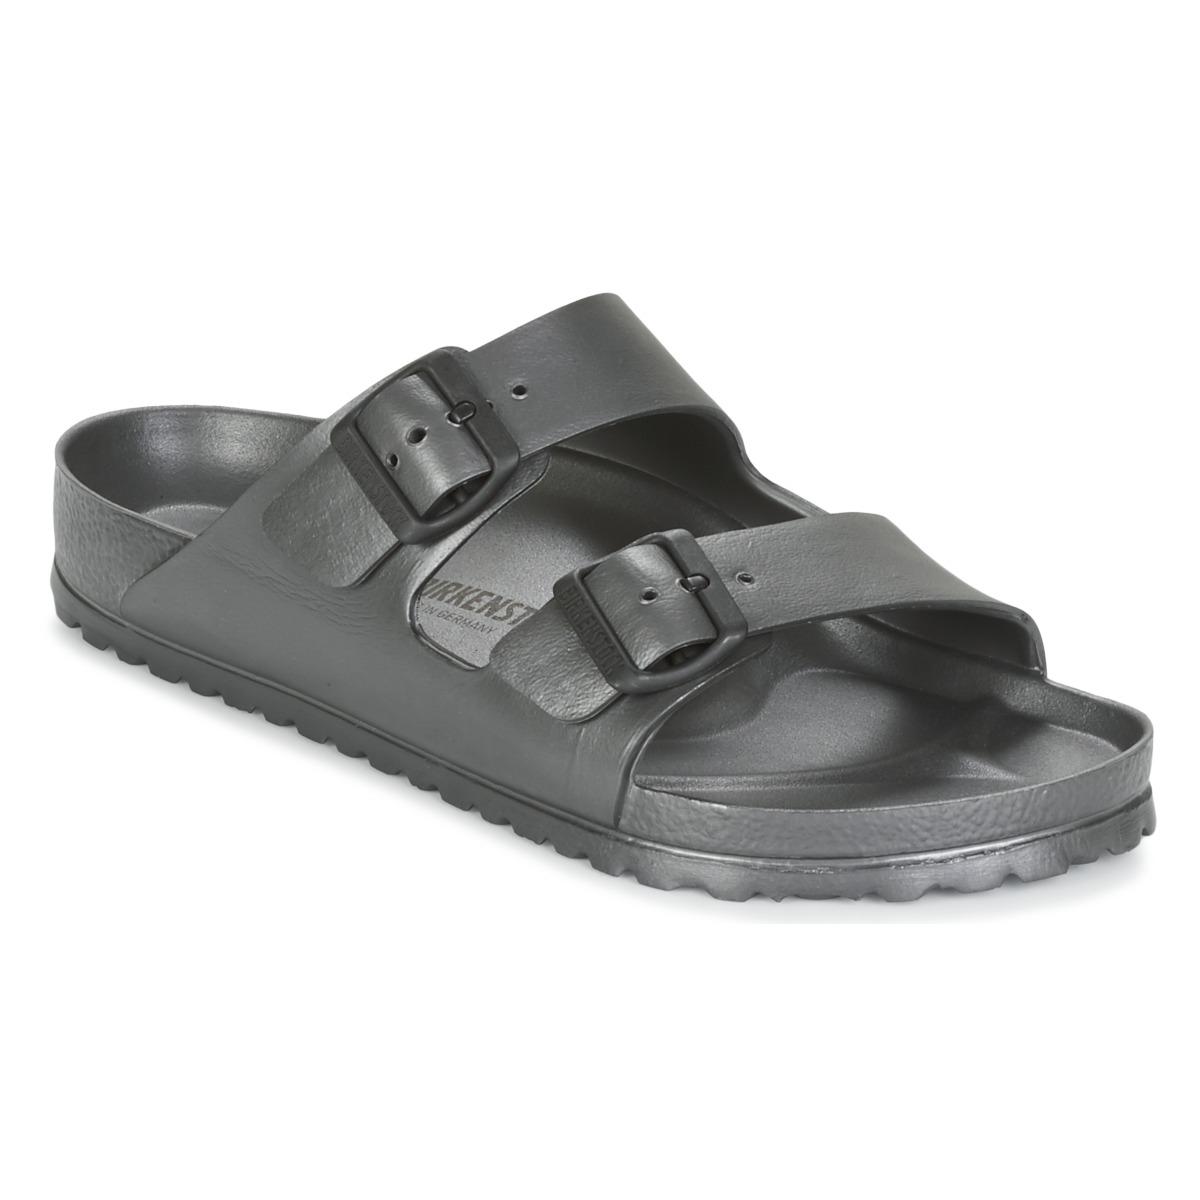 Birkenstock ARIZONA Grau - Kostenloser Versand bei Spartoode ! - Schuhe Pantoffel Herren 27,99 €